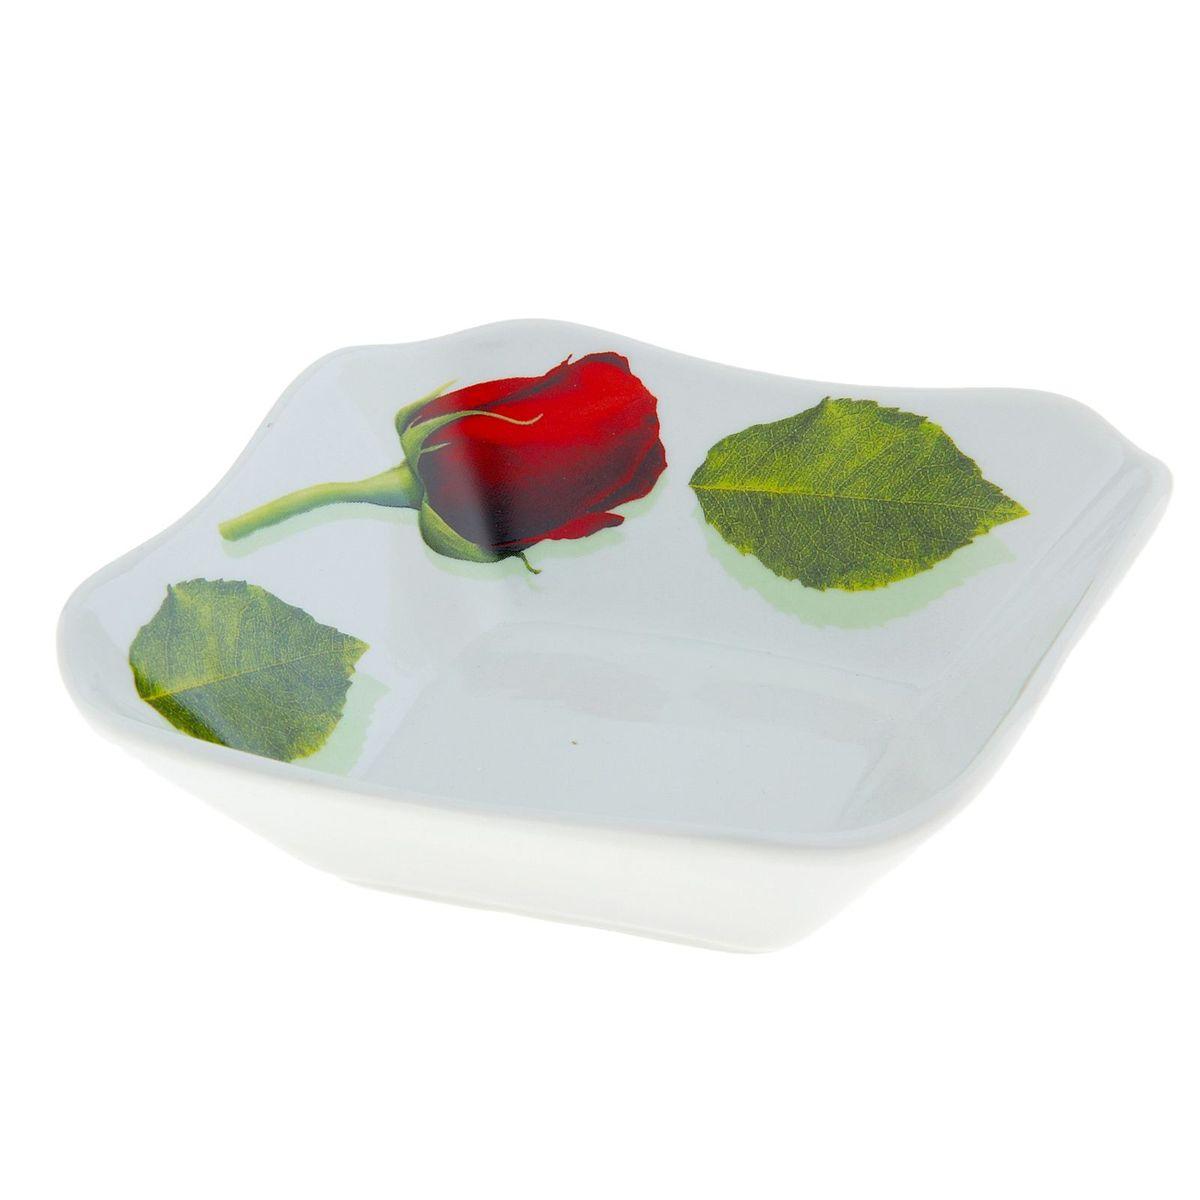 Салатник Королева цветов, 250 мл507862Квадратный салатник Королева цветов, изготовленныйиз высококачественного фарфора, прекрасно подойдет дляподачи различных блюд: закусок, салатов илифруктов.Такой салатник украсит ваш праздничный или обеденный стол,а оригинальное исполнение понравится любой хозяйке.